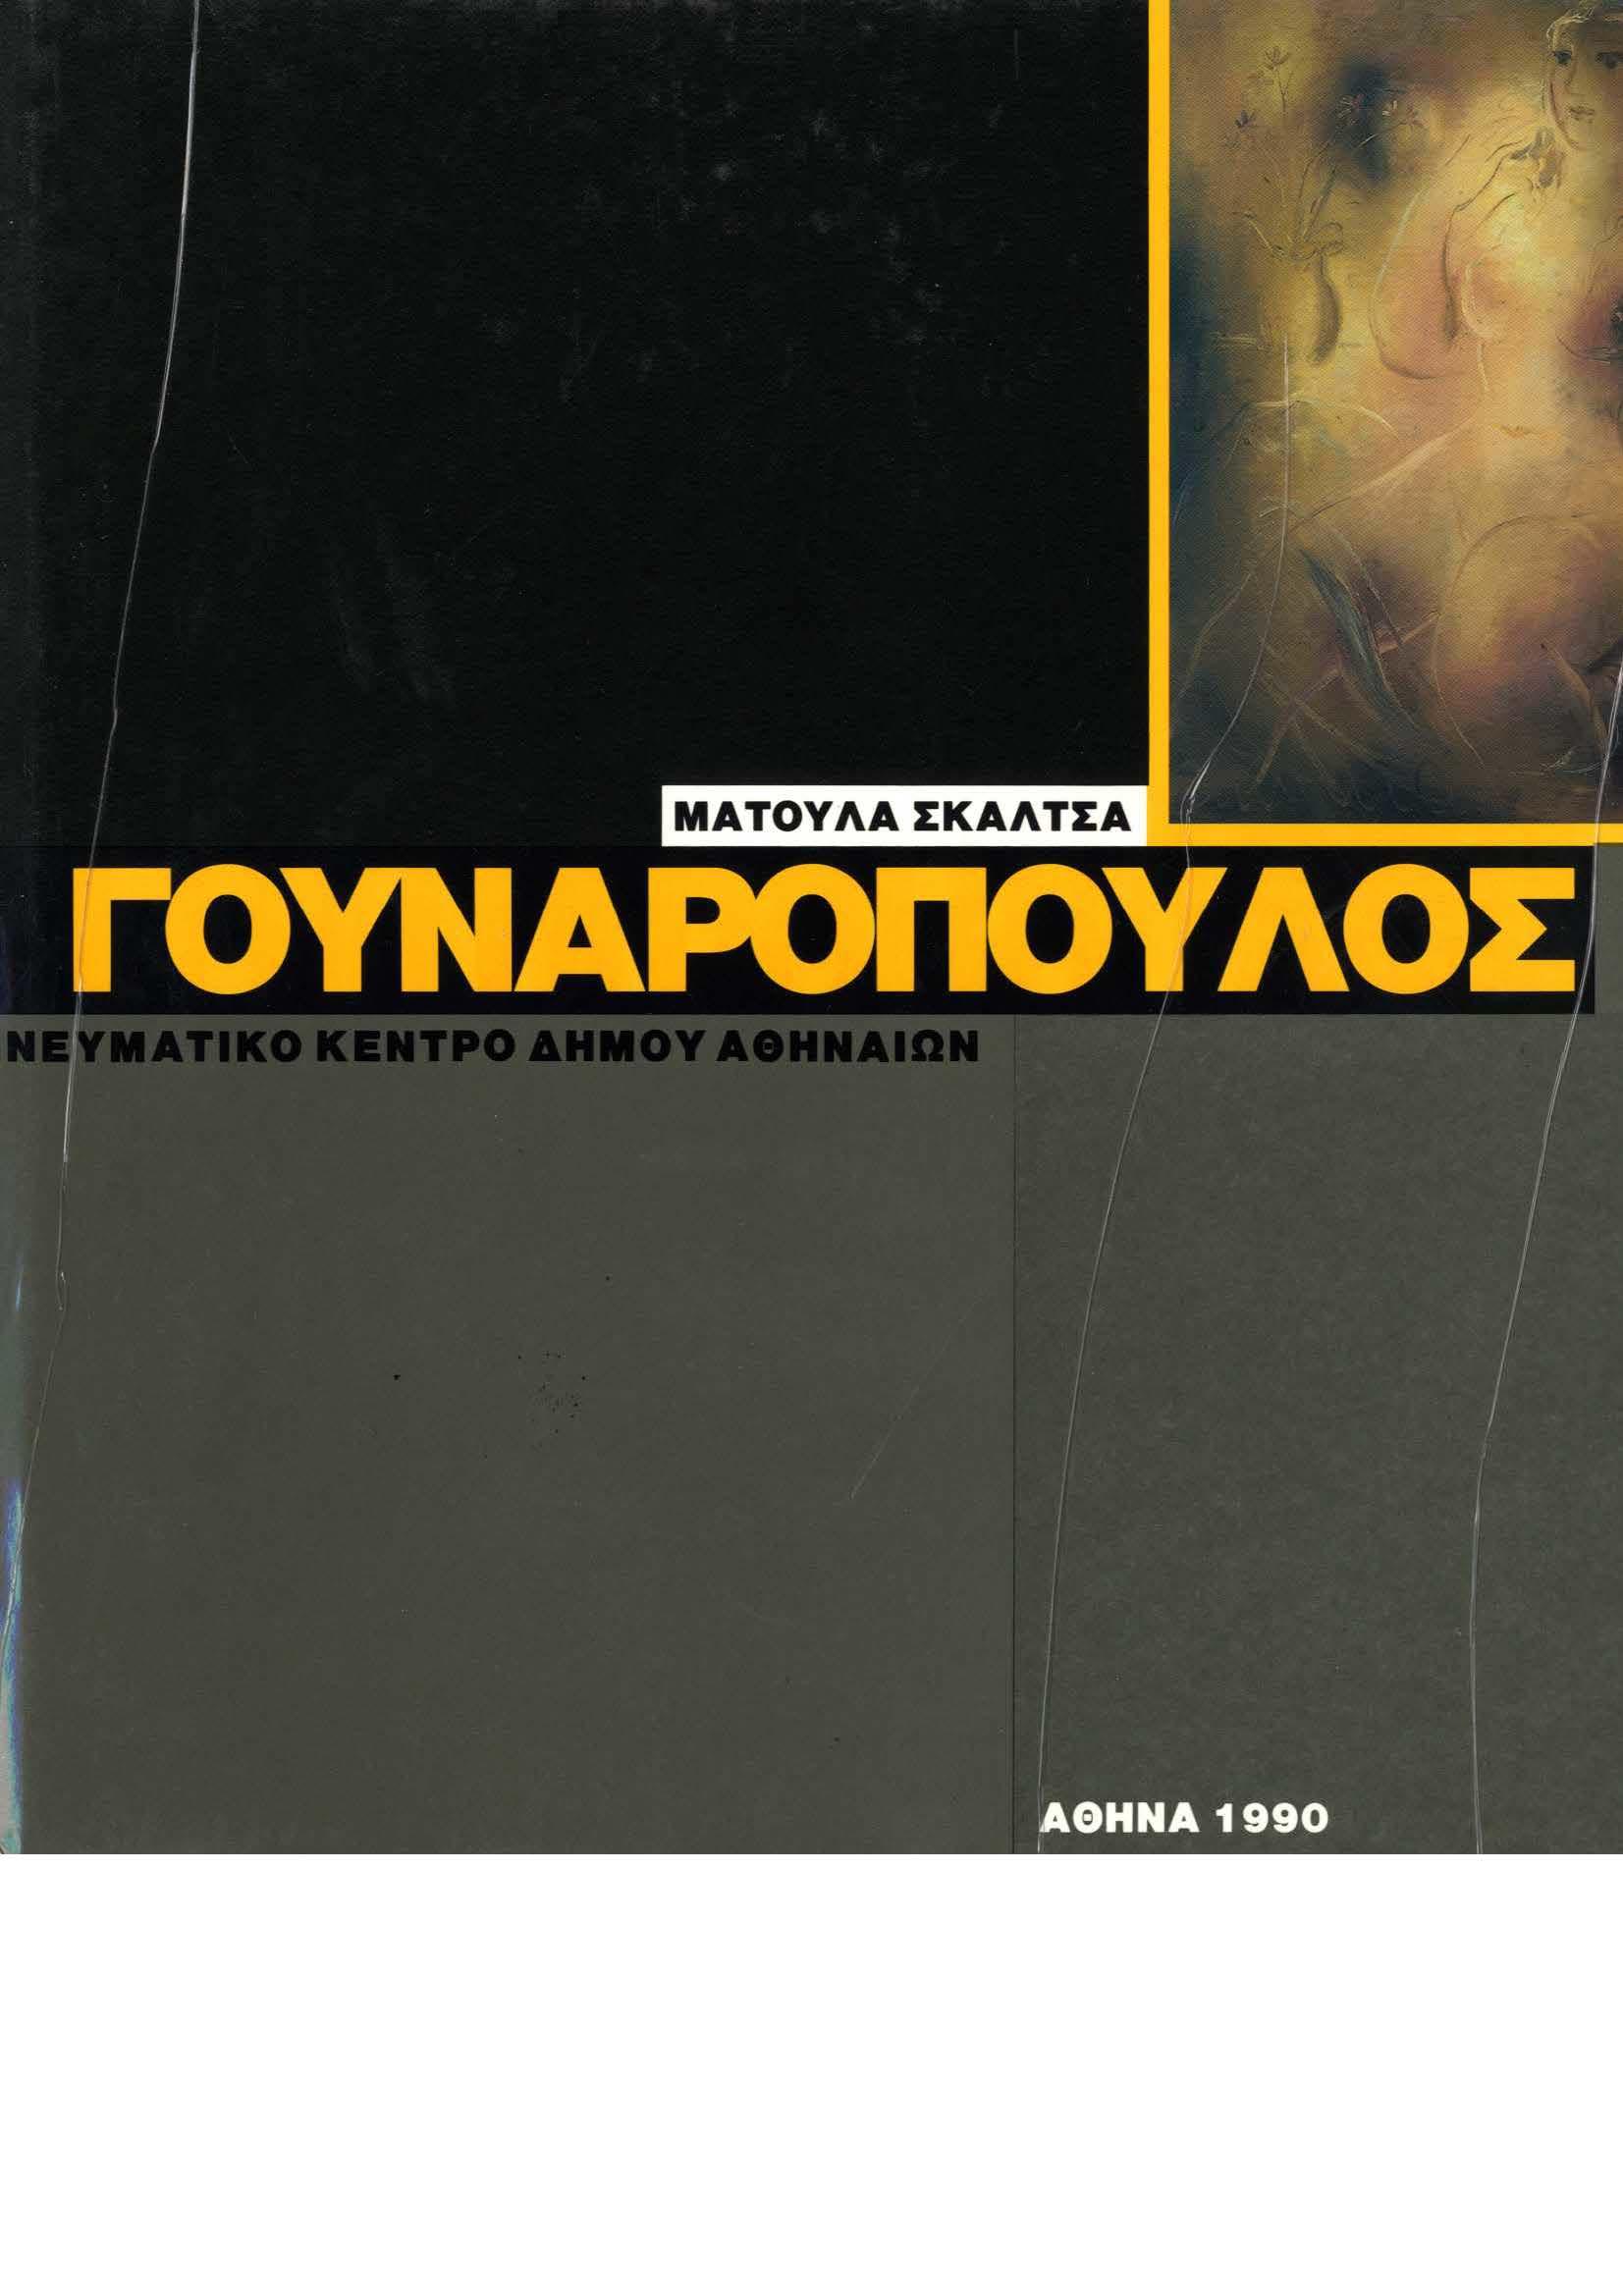 Γουναροπουλος